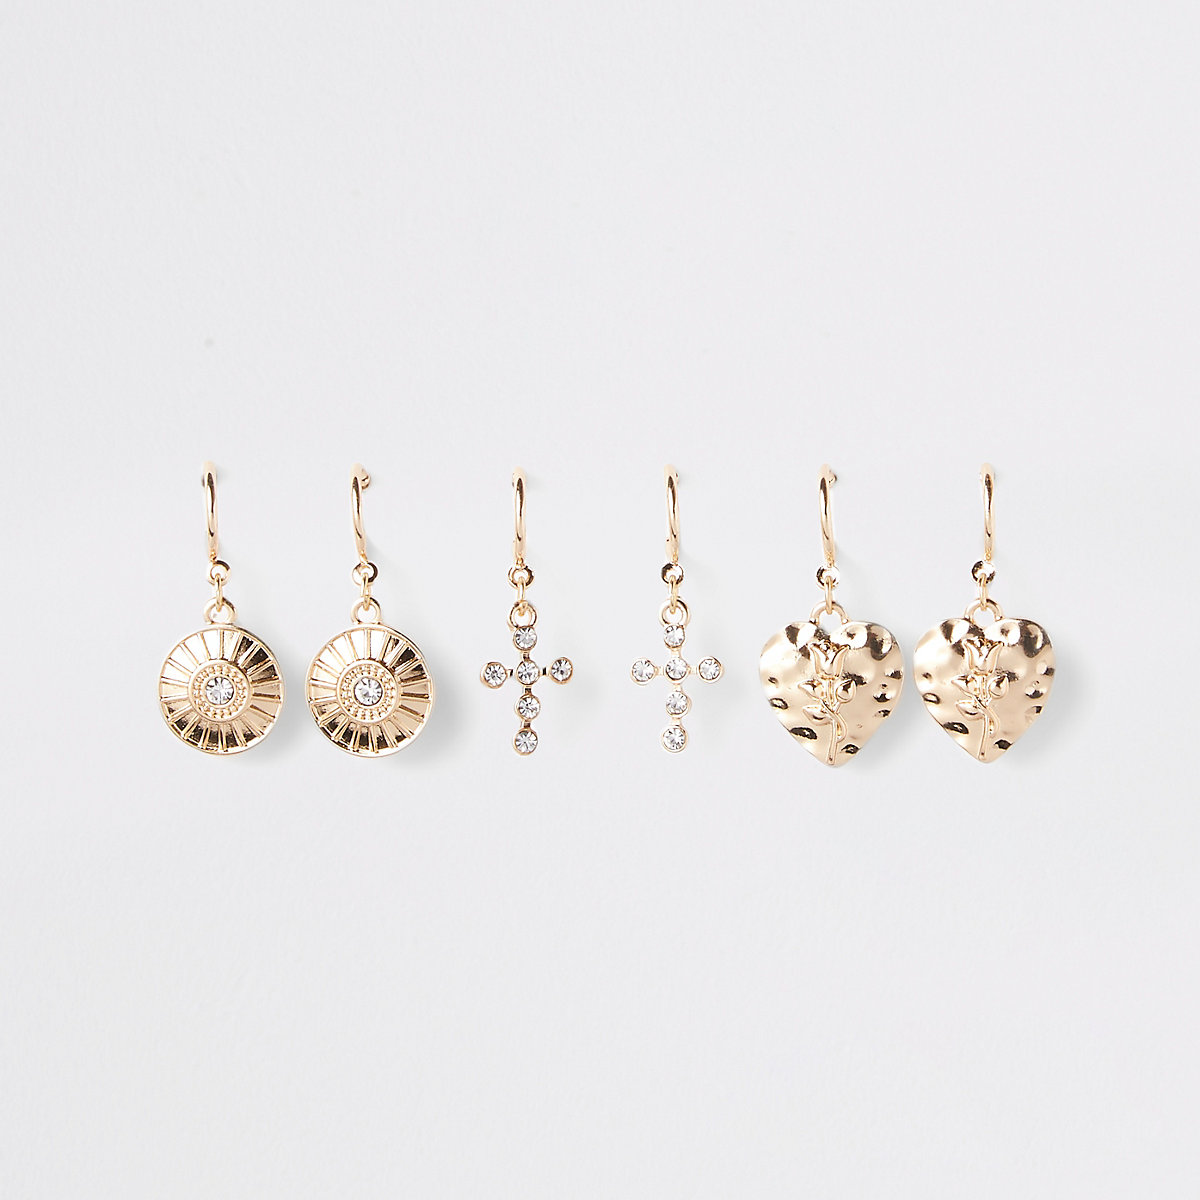 Gold color charm hoop earrings multipack